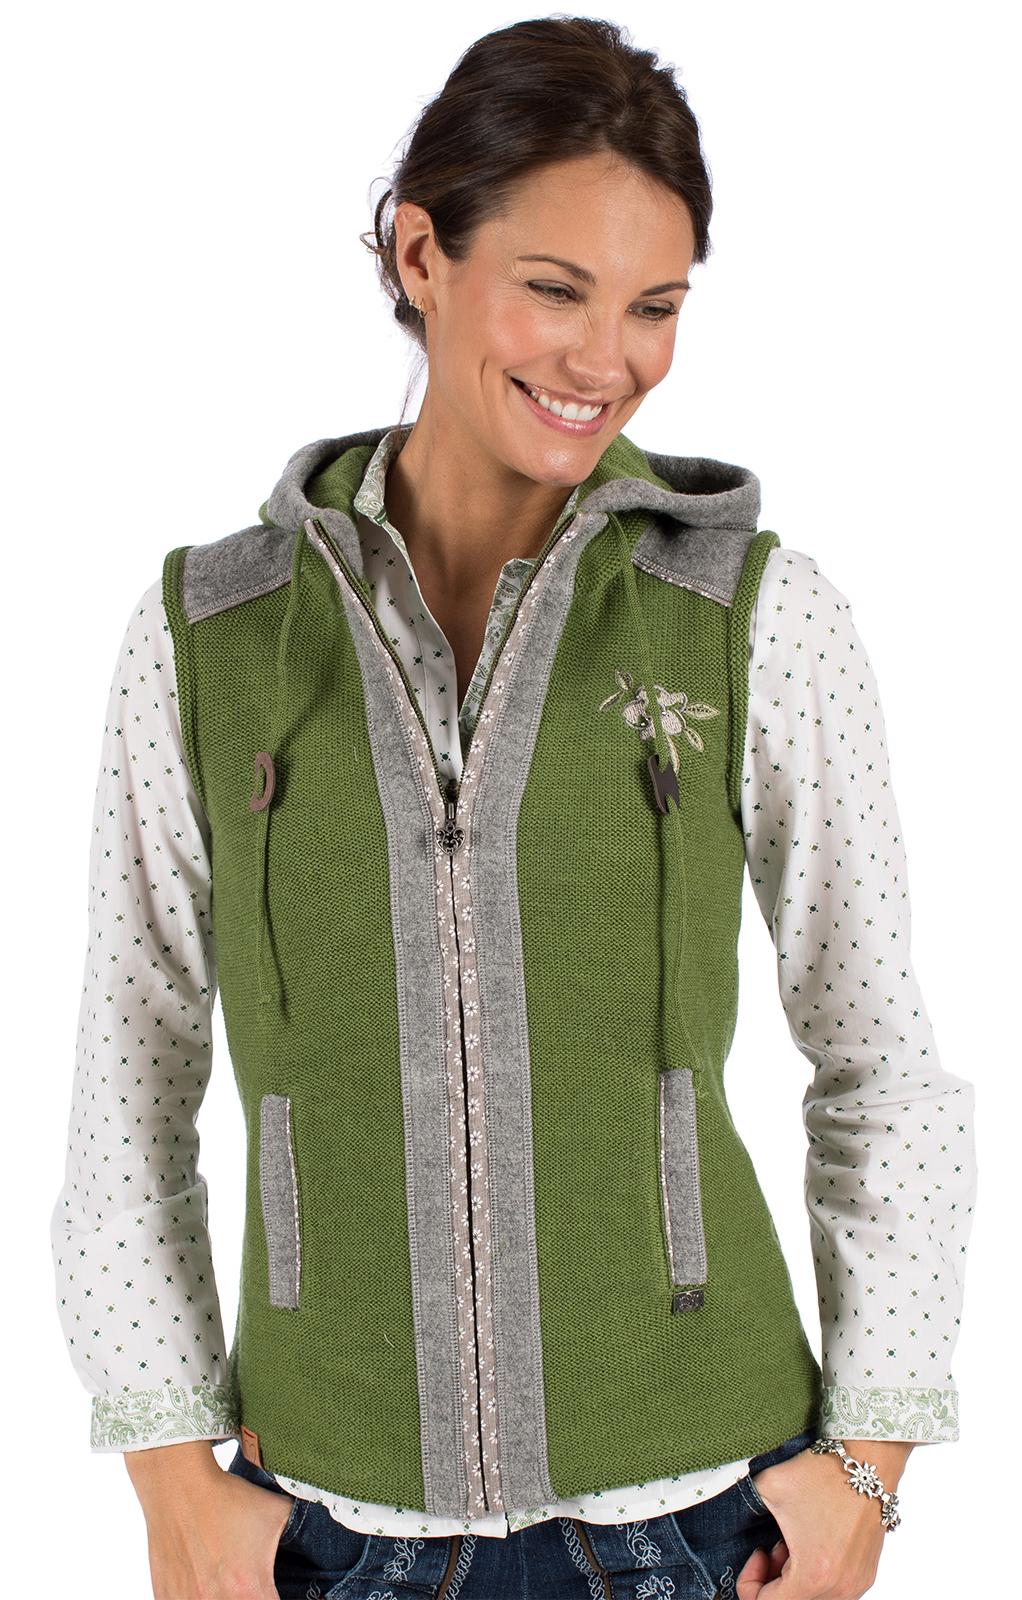 Knitted vest GRAIN green von Spieth & Wensky